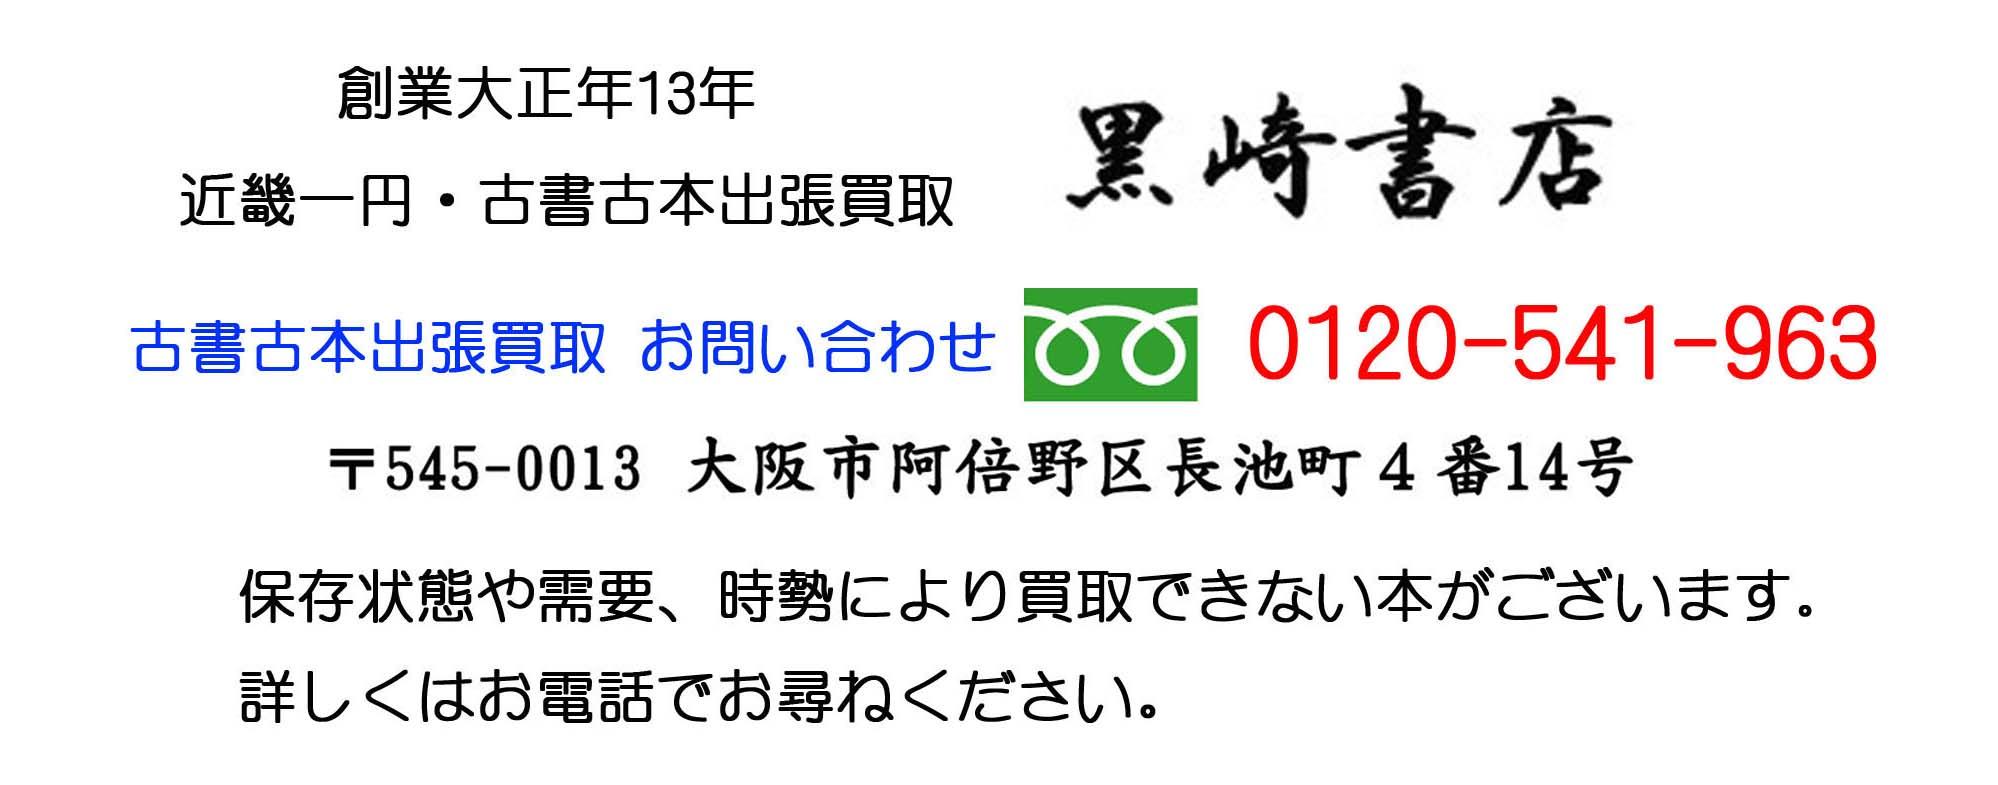 古本 買取 大阪 黒崎書店